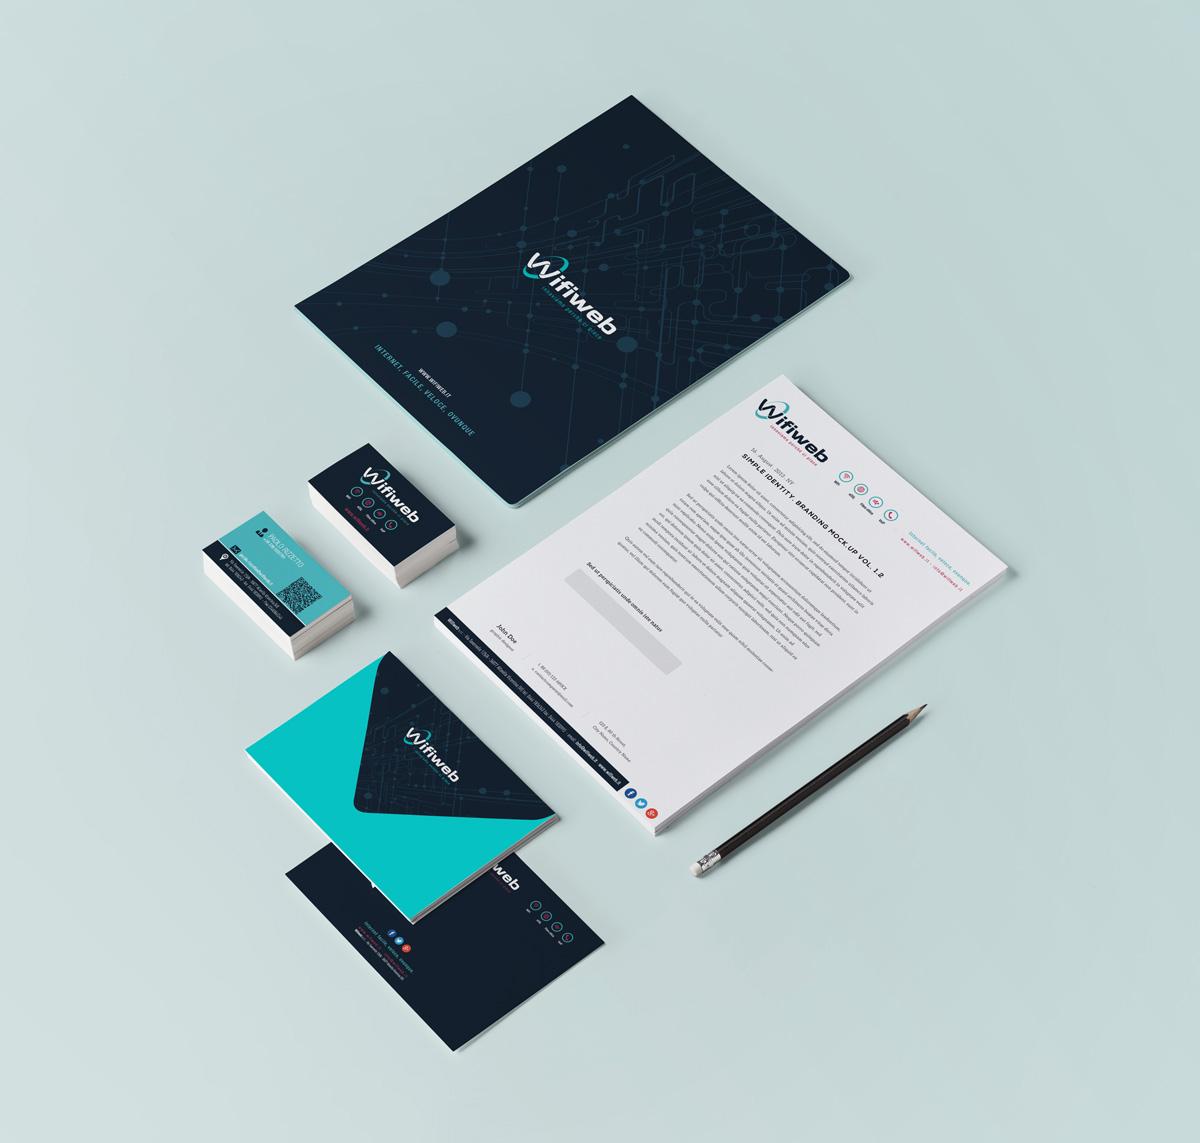 Wifiweb, nuovo corporate identity